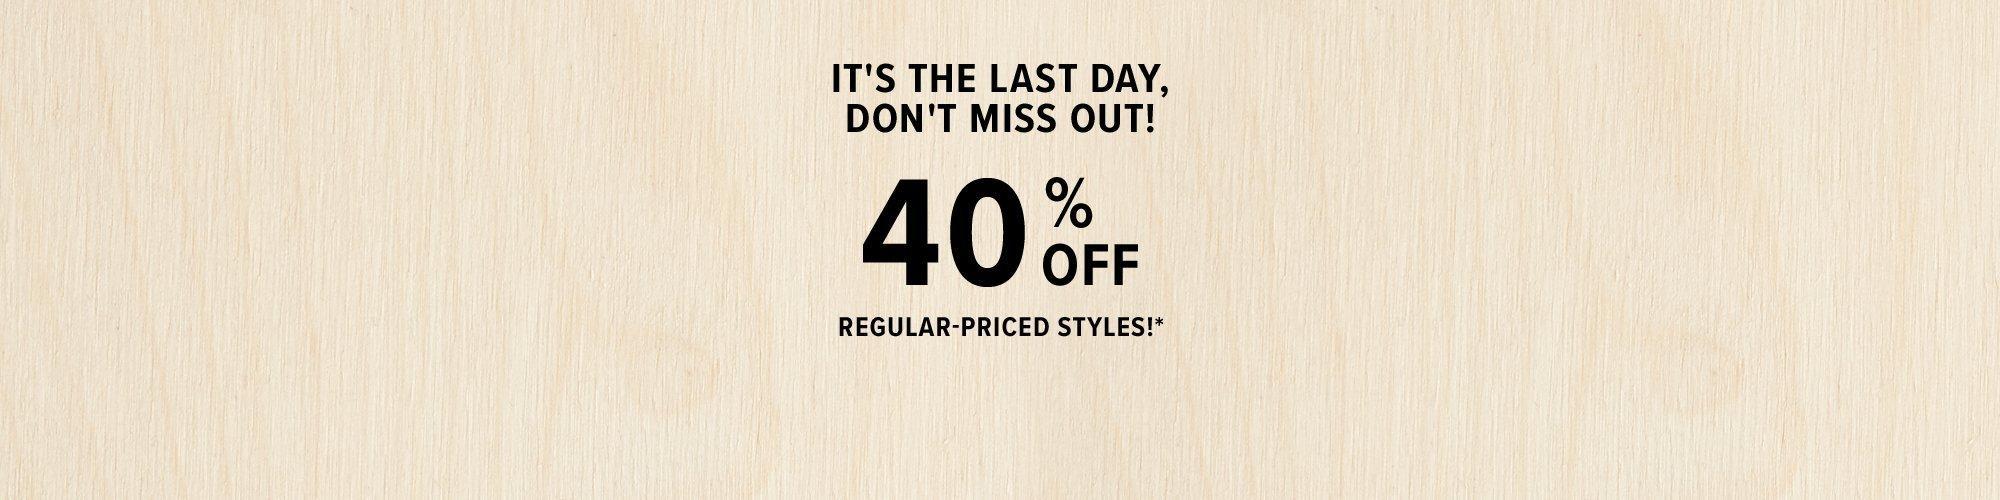 40% off sale